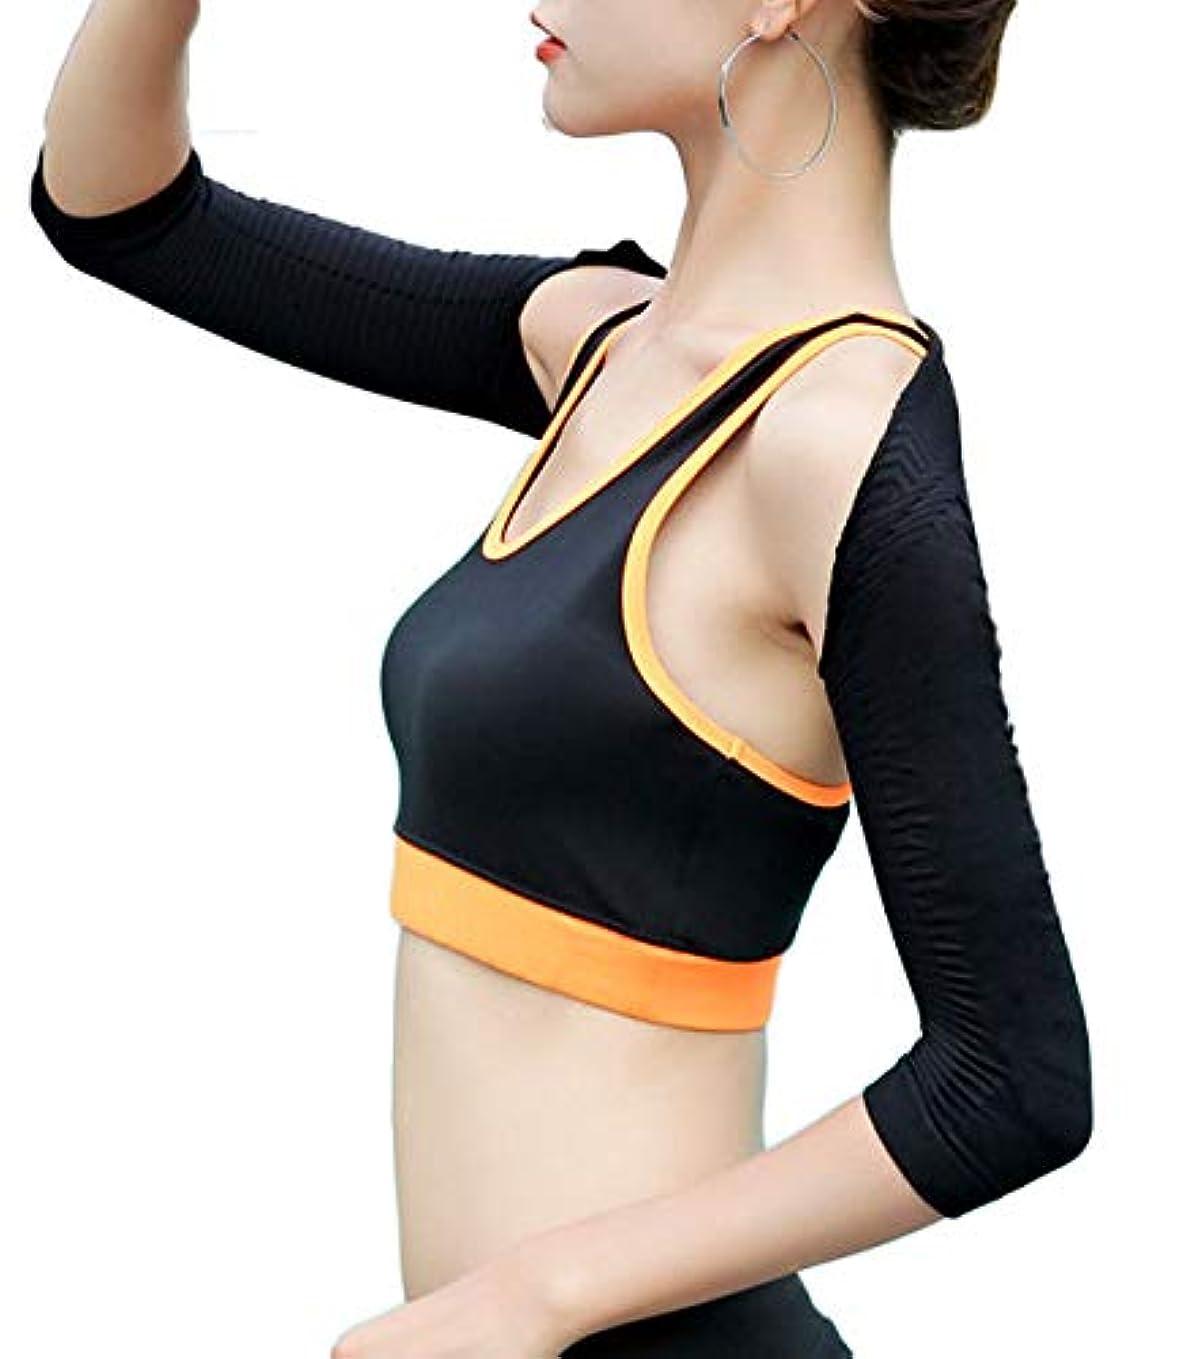 ホイットニー適用済みアパル二の腕 シェイプ 引き締め 加圧 着圧 着瘦せ 姿勢 矯正 補正 インナー 二の腕カバー トレーニング 通勤 ブラック-M